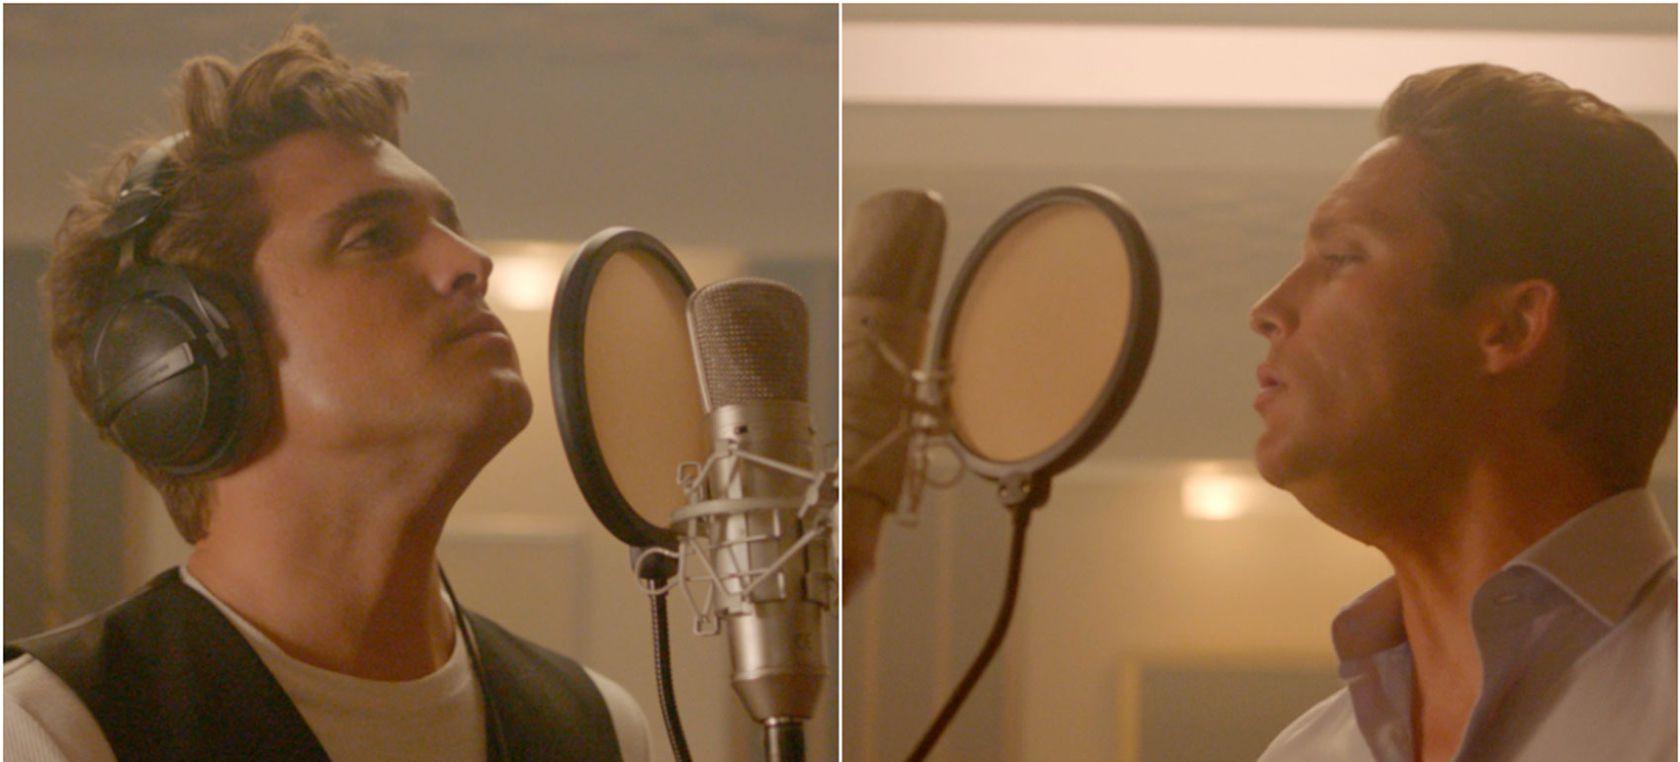 La nueva apariencia de Diego Boneta como Luis Miguel | Actualidad | LOS40 México